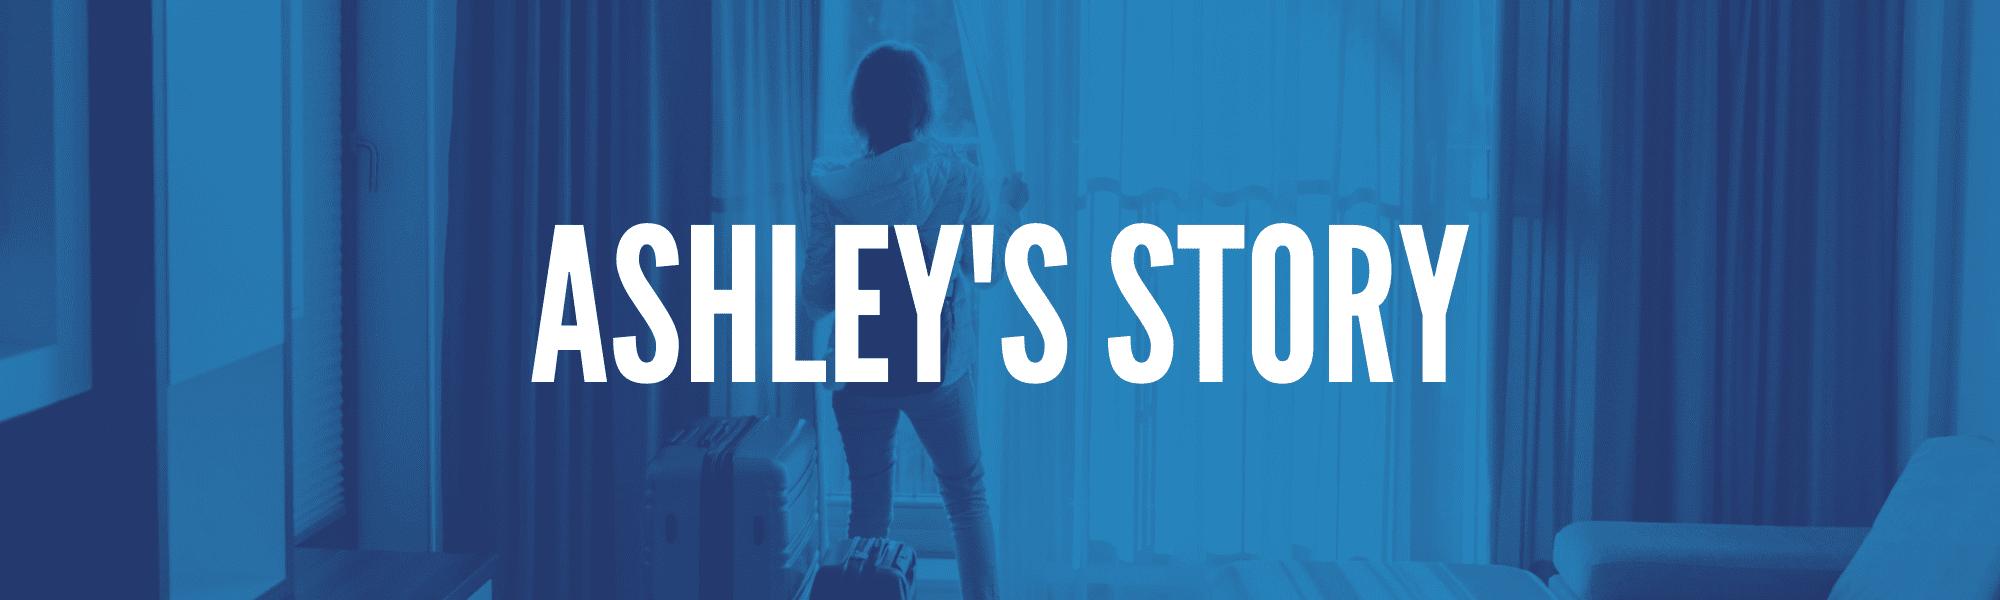 Ashley's Story